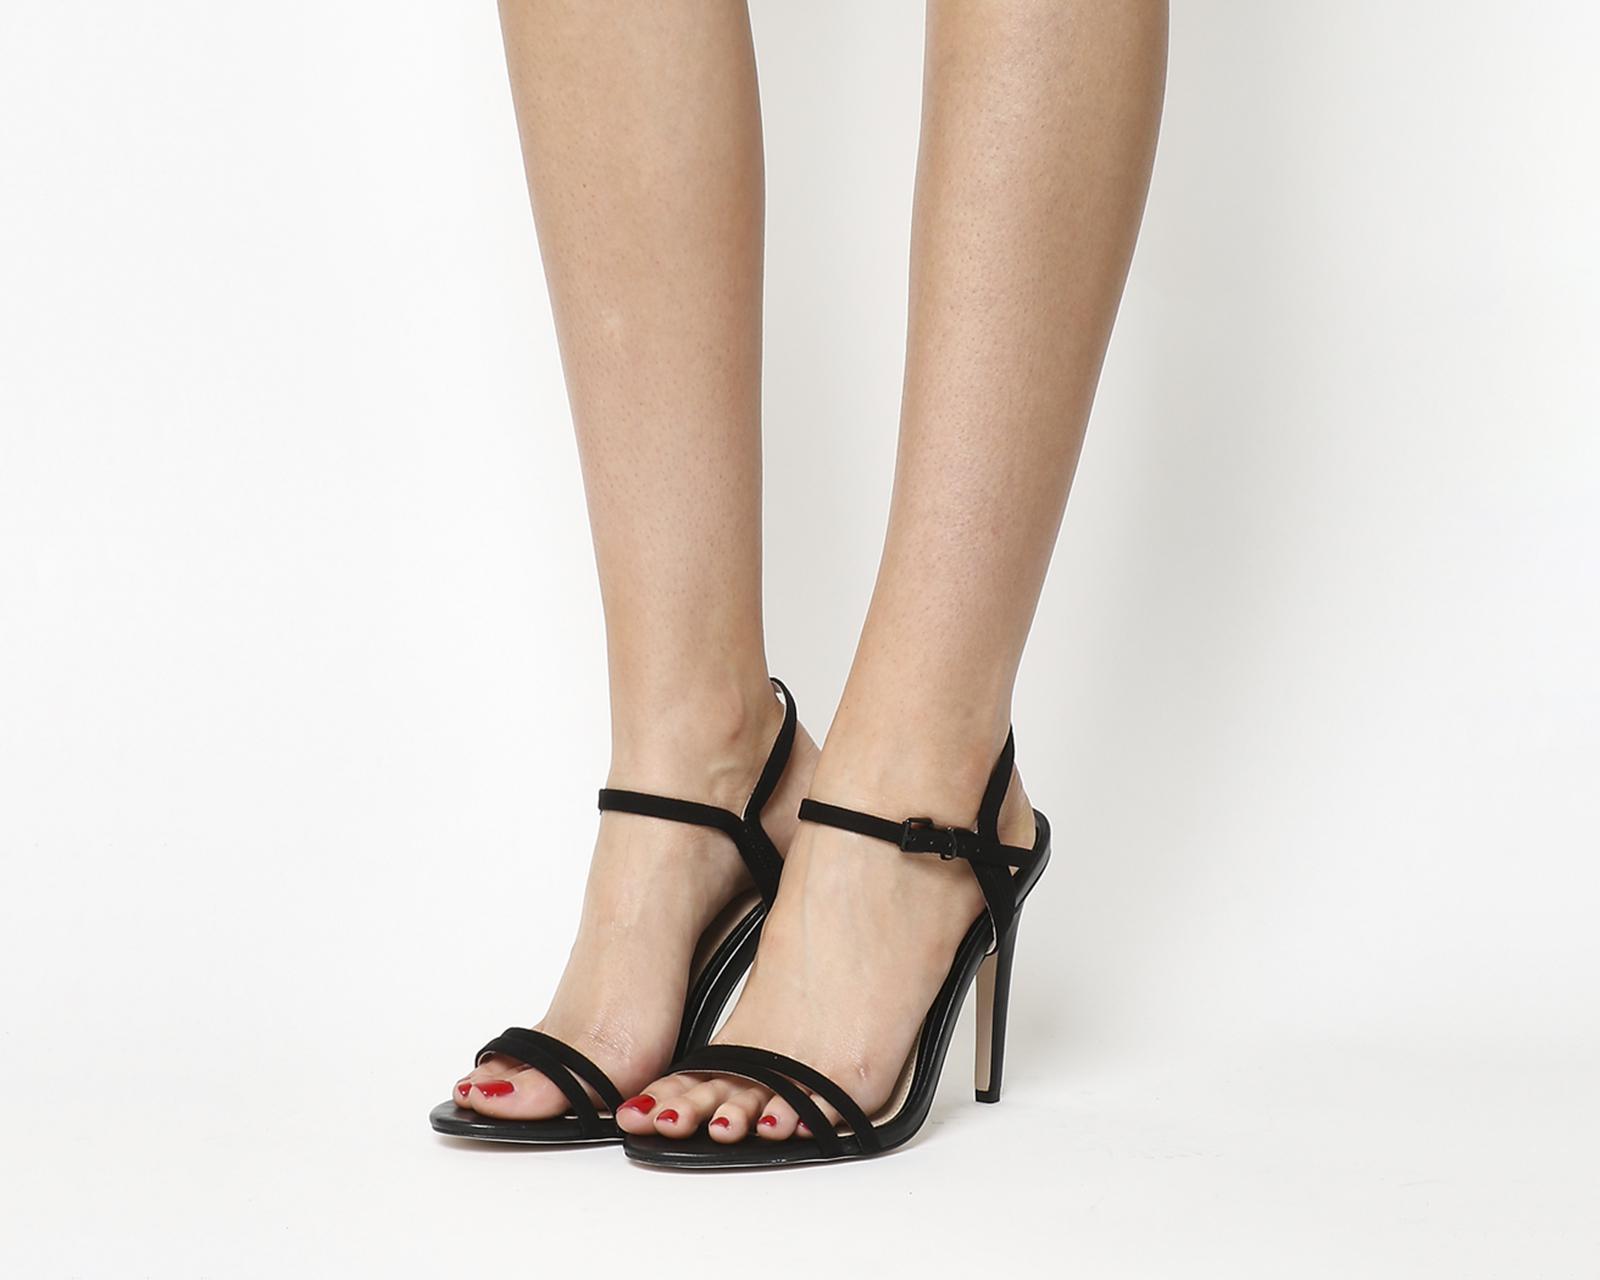 4f65ed73fd Lyst - Office Jeopardy Single Sole High Heel Sandals in Black